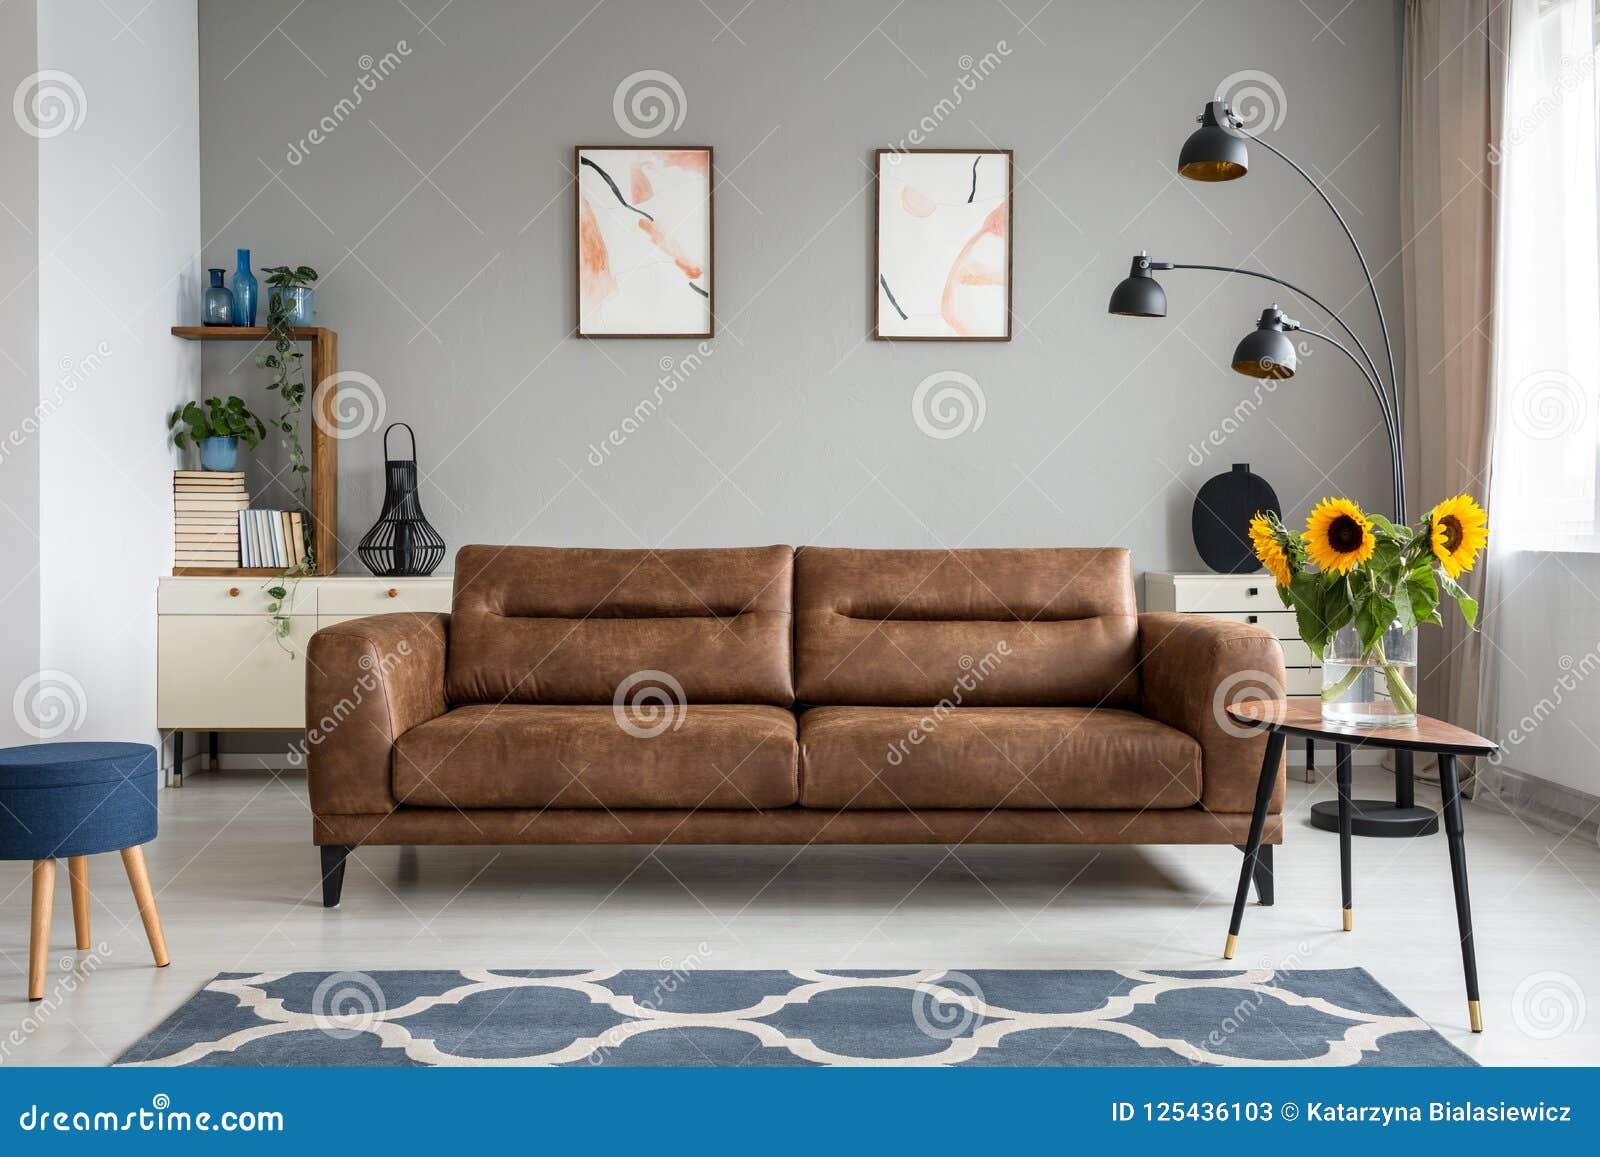 Солнцецветы на деревянном столе рядом с кожаной софой в интерьере живущей комнаты с плакатами Реальное фото